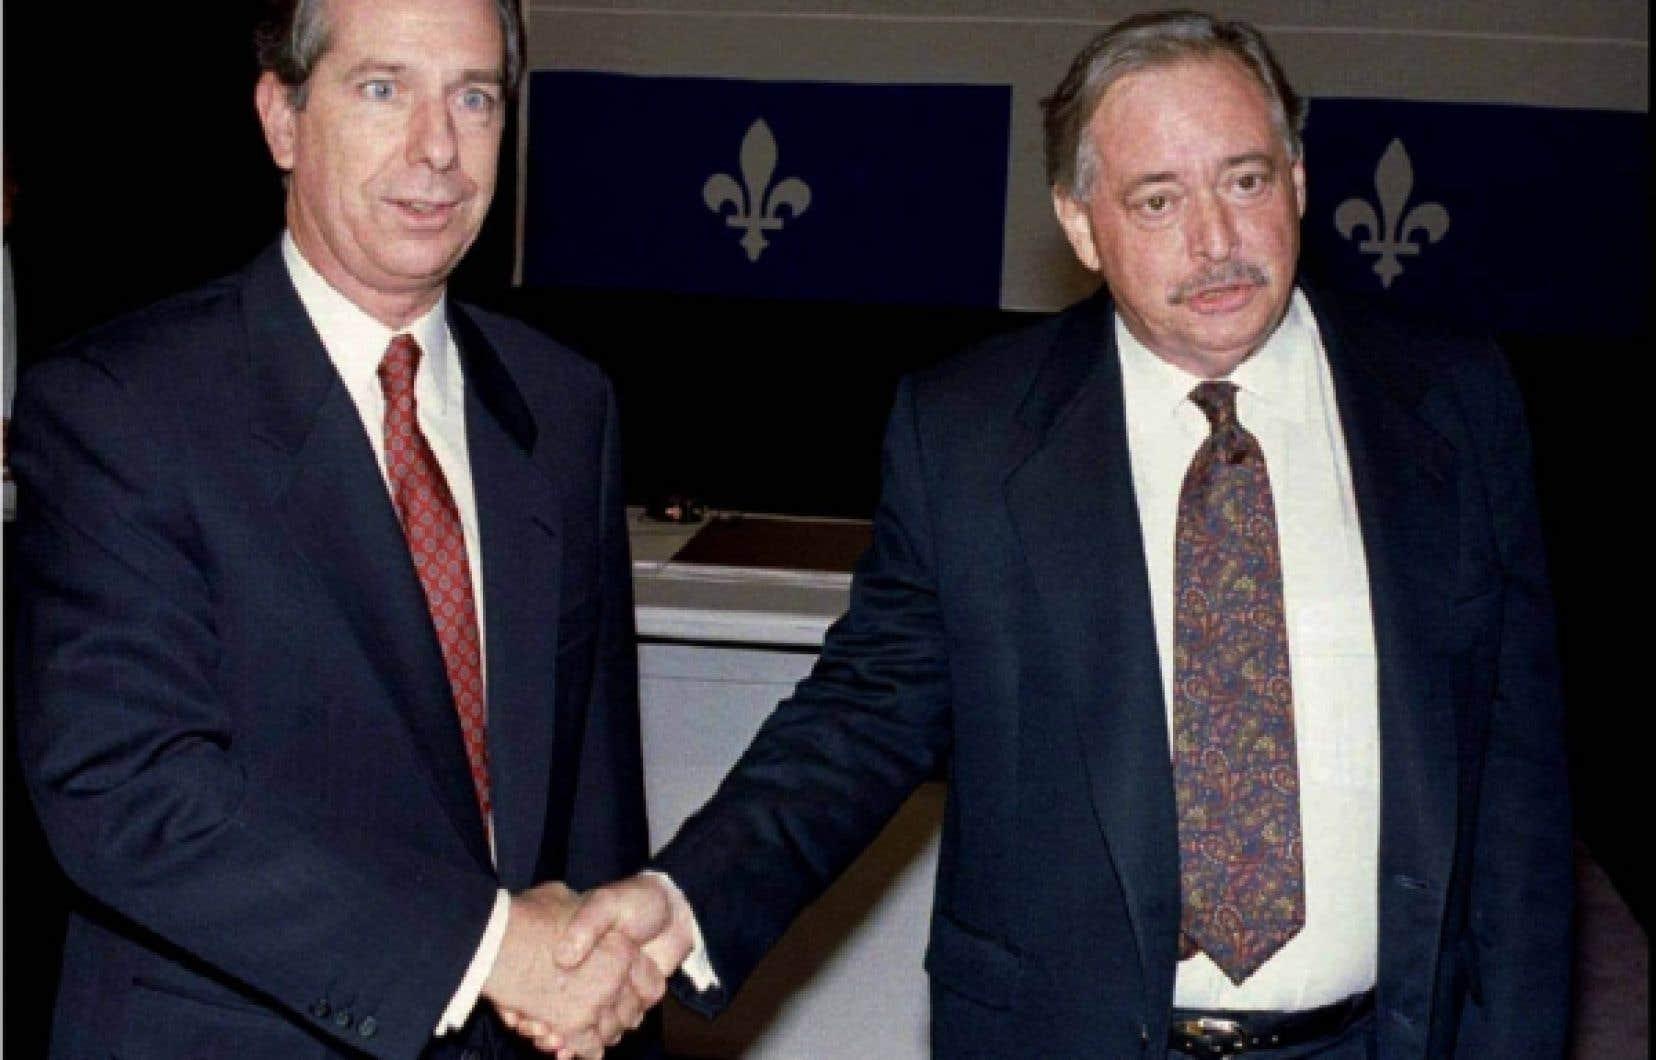 Le Québec était en pleine campagne électorale: Jacques Parizeau (à droite) contre Daniel Johnson fils. Les péquistes rassérénés par huit ans d'opposition contre des libéraux usés et affaiblis par les crises constitutionnelles à répétition. L'époque est éminemment politique.